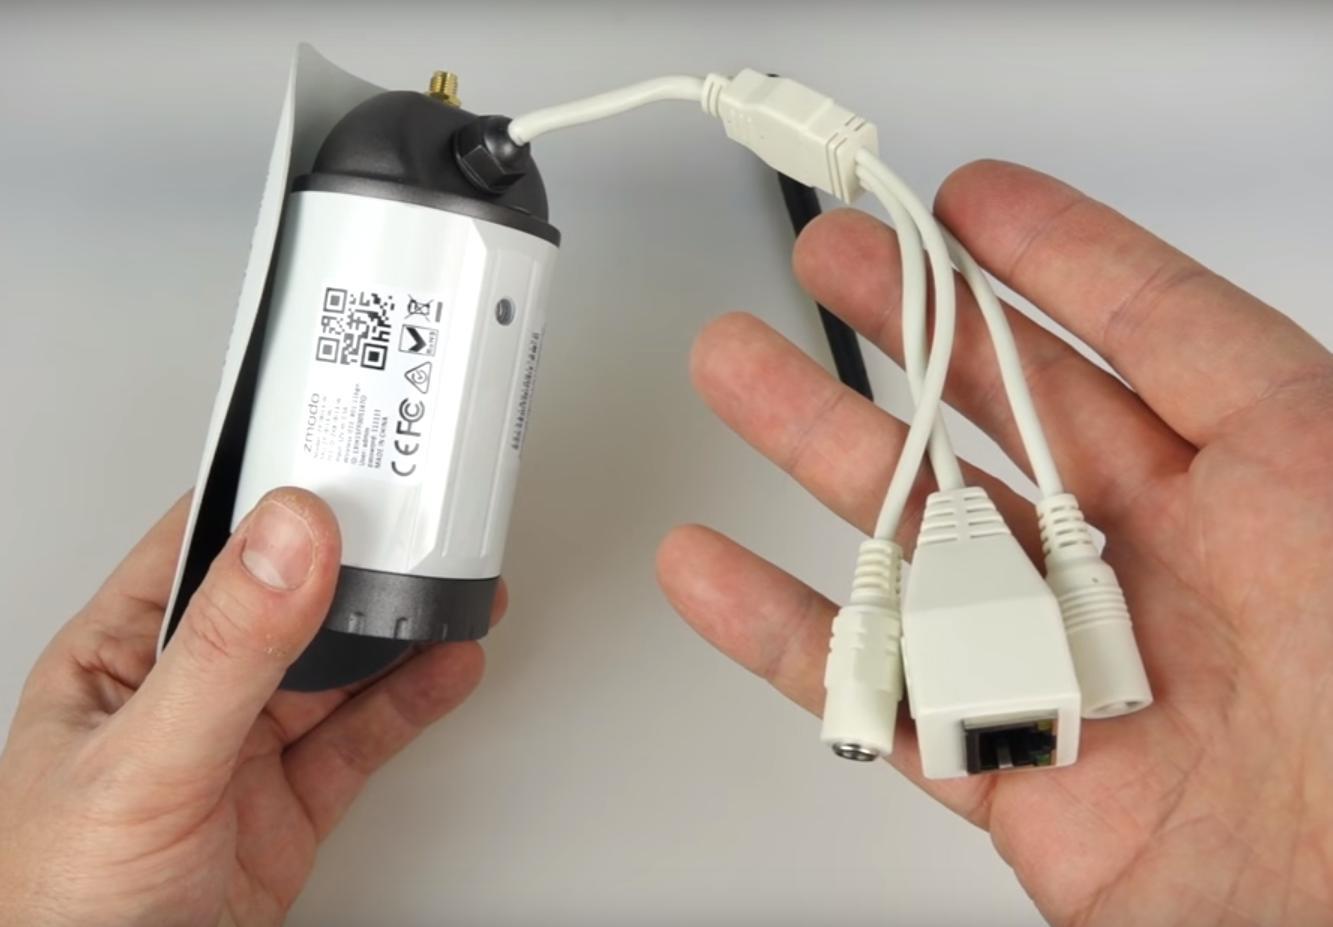 Kabel für die Videoüberwachung